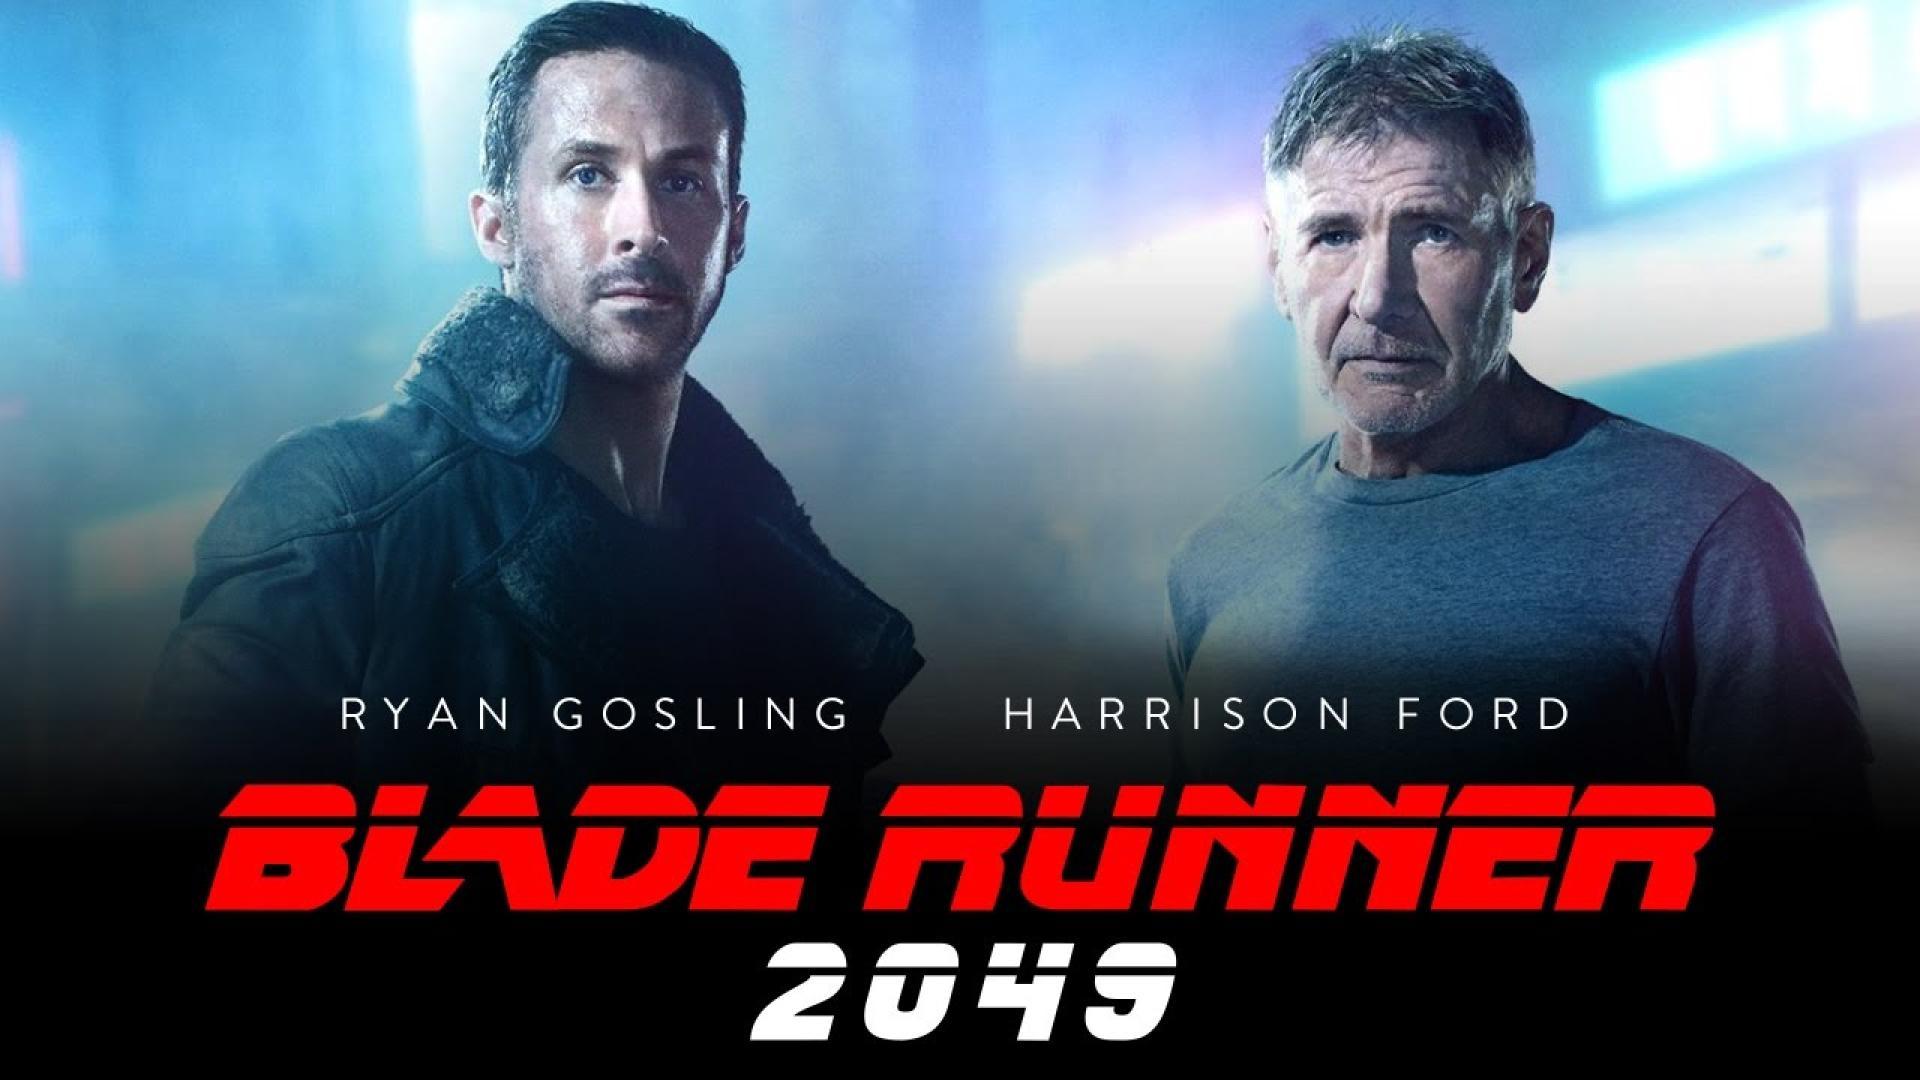 Blade Runner 2049 / Szárnyas fejvadász 2049 (2017)